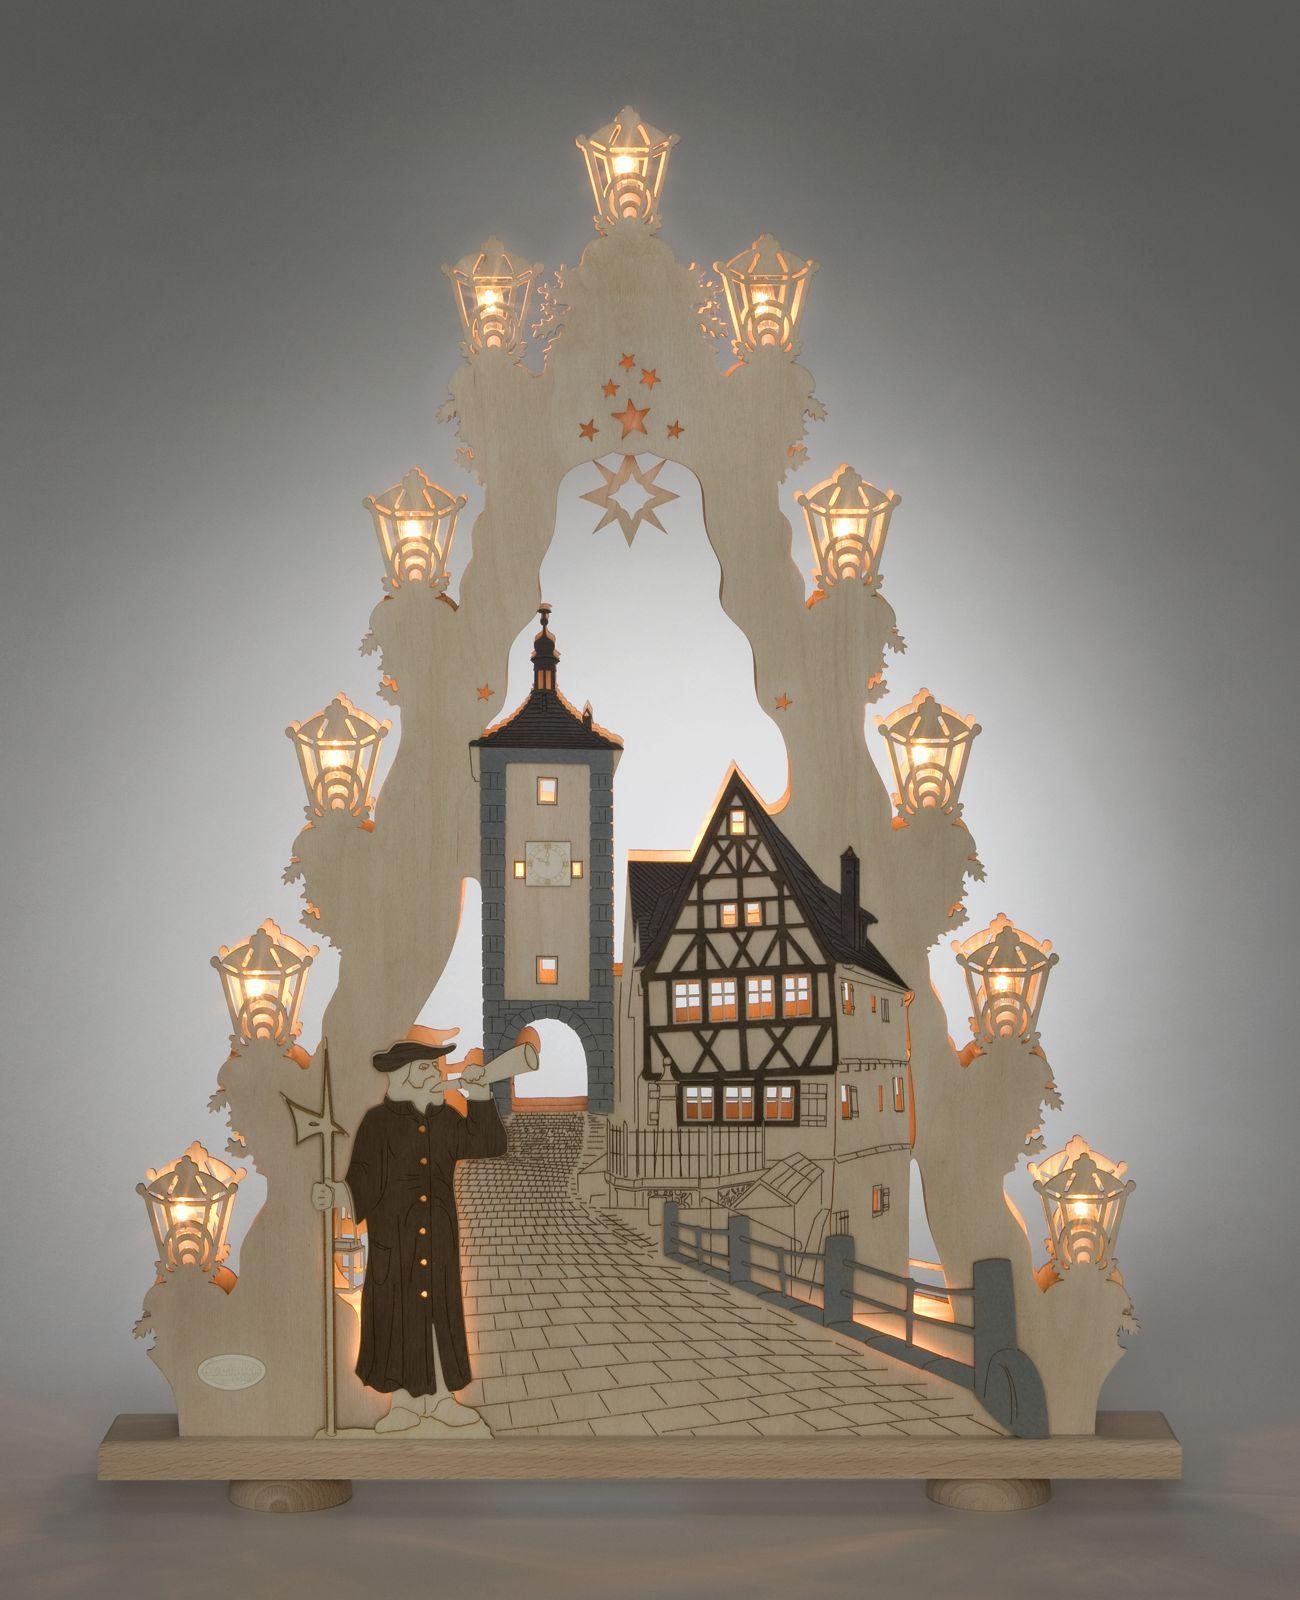 Lichterspitze 15 Flg Rothenburg Ob Der Tauber Schwibbogen Weihnachtsdeko Weihnachtsleuchter